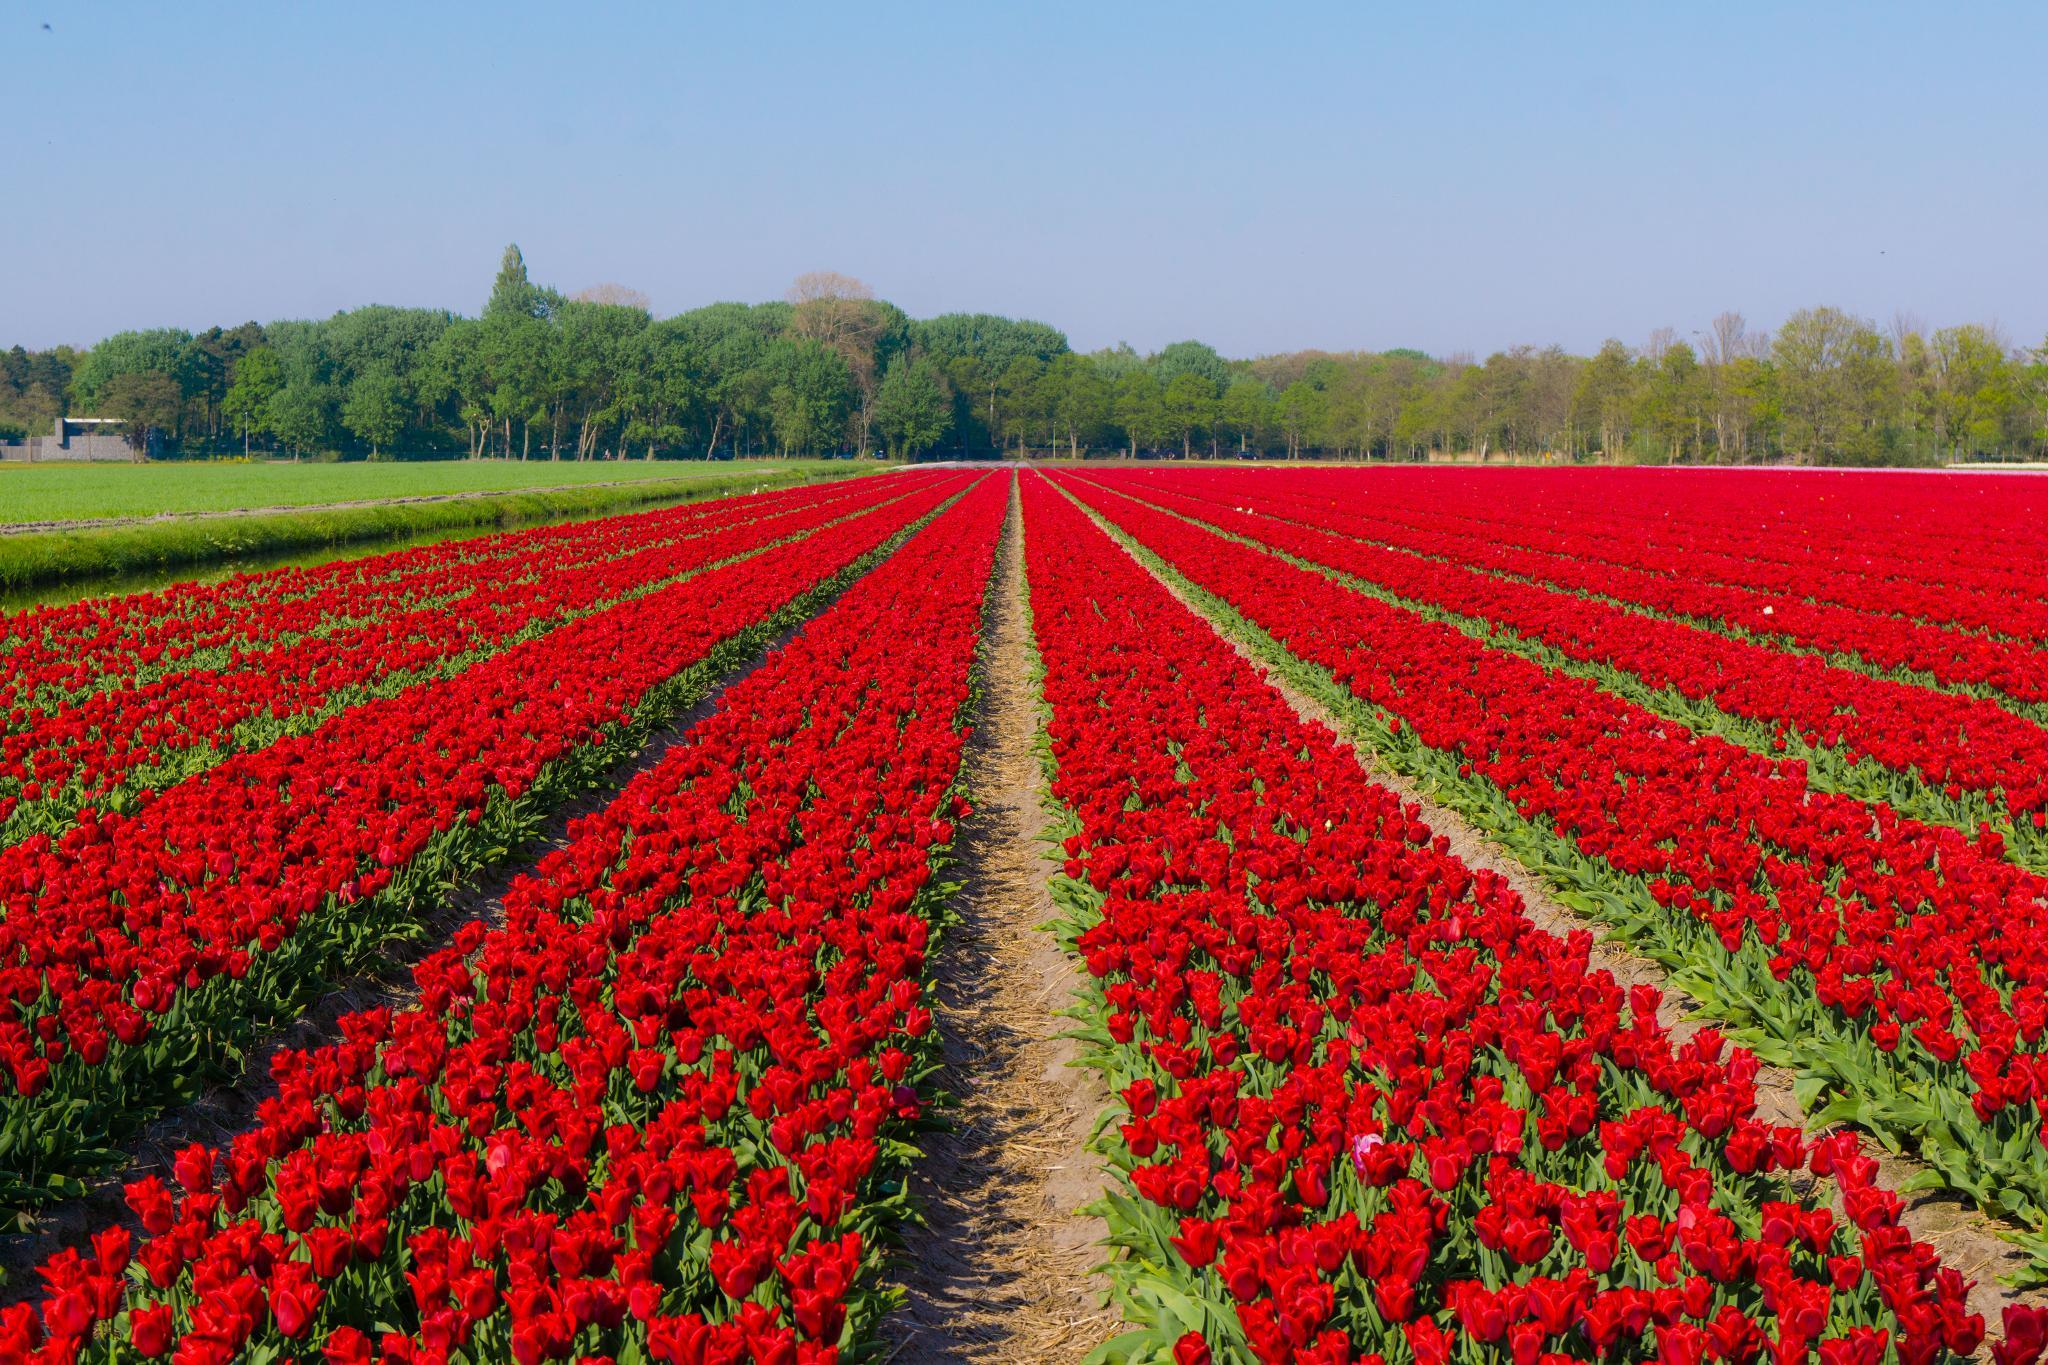 【荷蘭印象】花田嬉事:荷蘭單車花之路 46